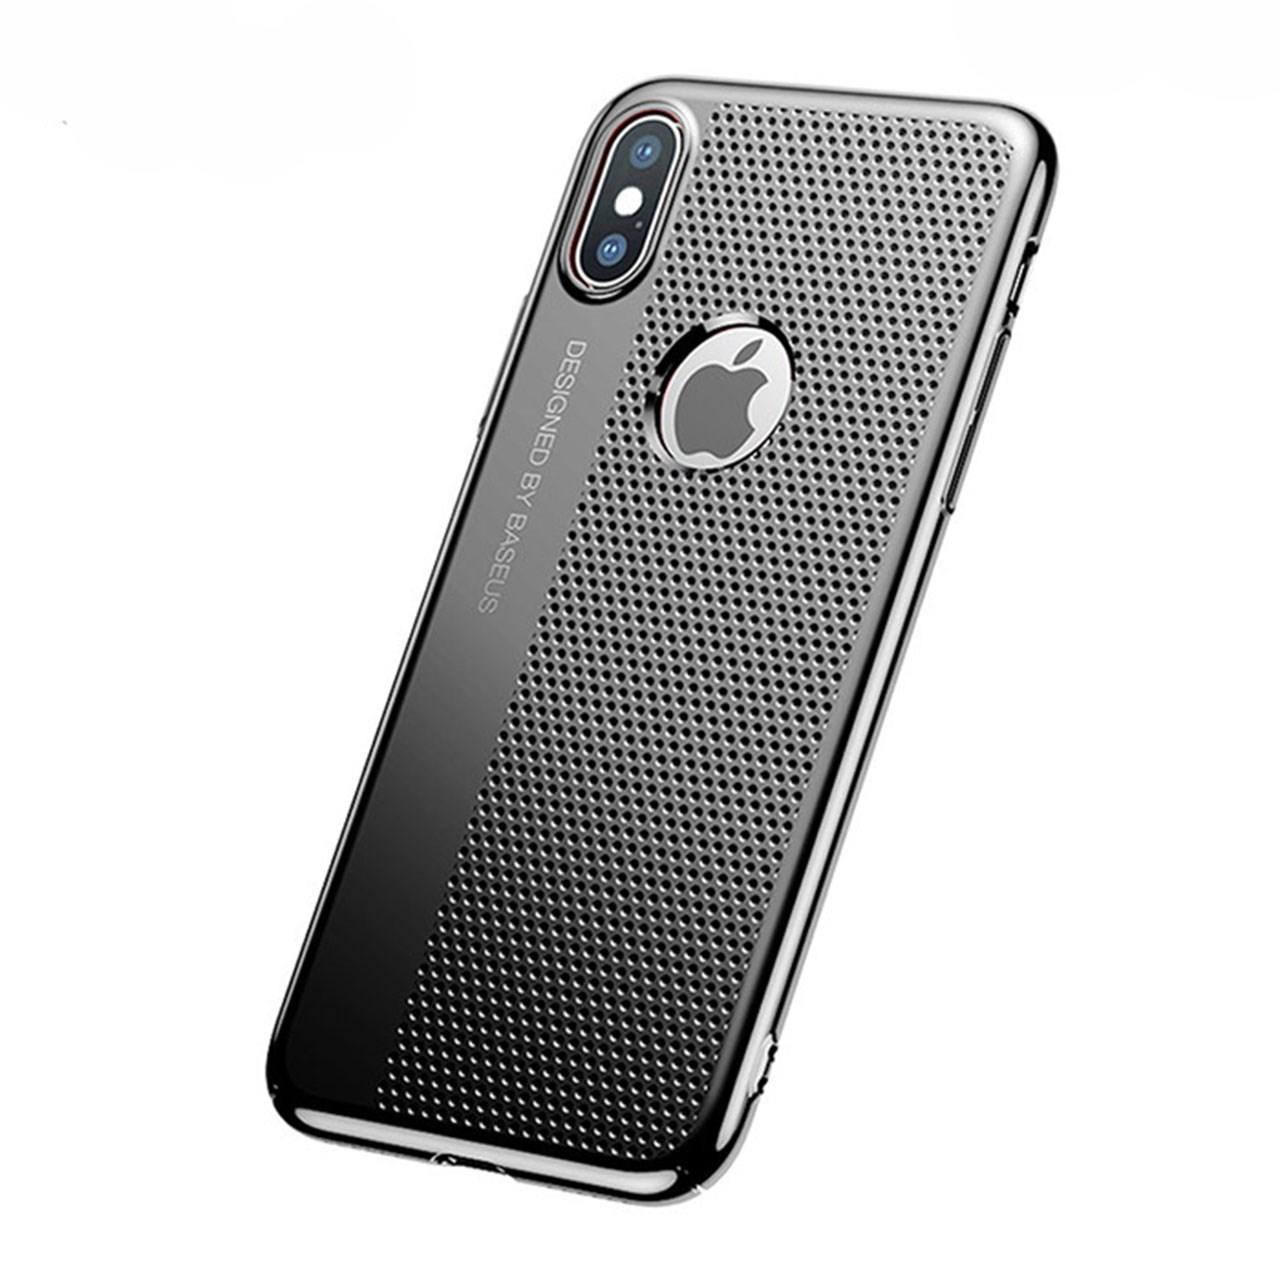 کاور باسئوس مدل Bright Case  مناسب برای گوشی موبایل آیفون X/10